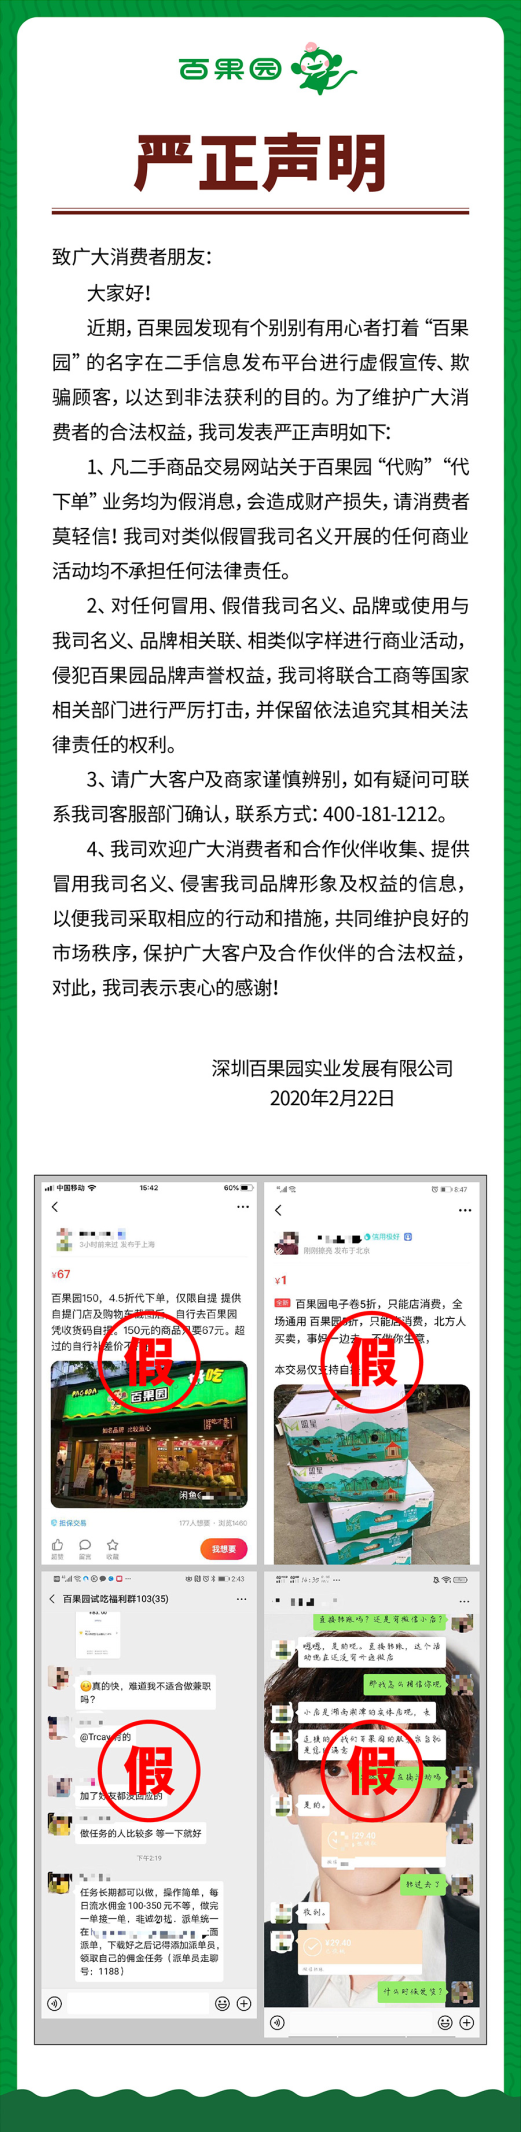 """百果园称二手交易平台相关""""代购""""为欺骗行为图片"""